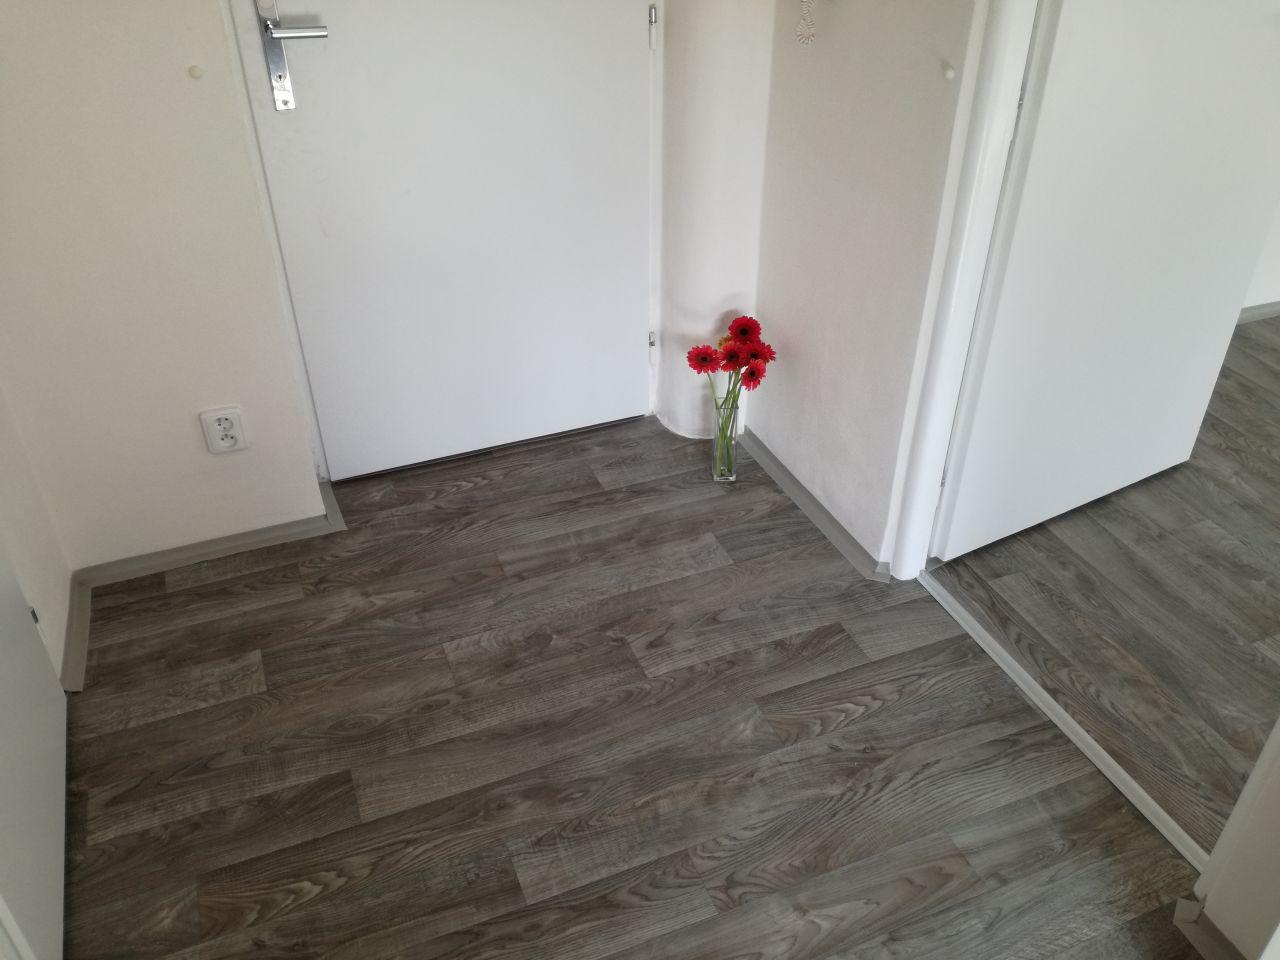 Pronájem bytu 1+1 39 m2, ul. 29. Dubna 250/15, Ostrava - Výškovice